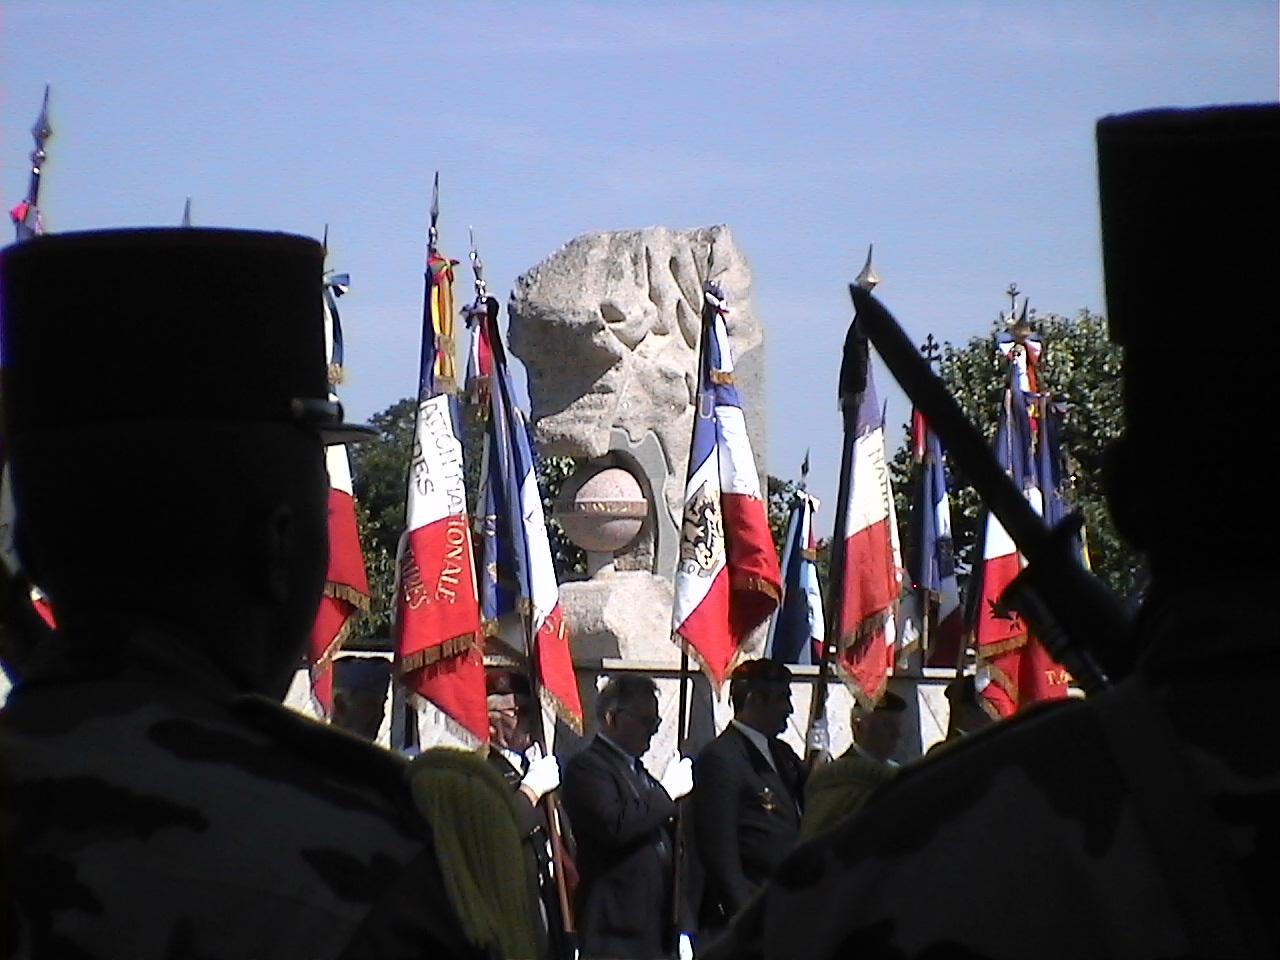 Cérémonie en hommage au Général BIGEARD au mémorial de Lauzach (56) 96057DVC02507